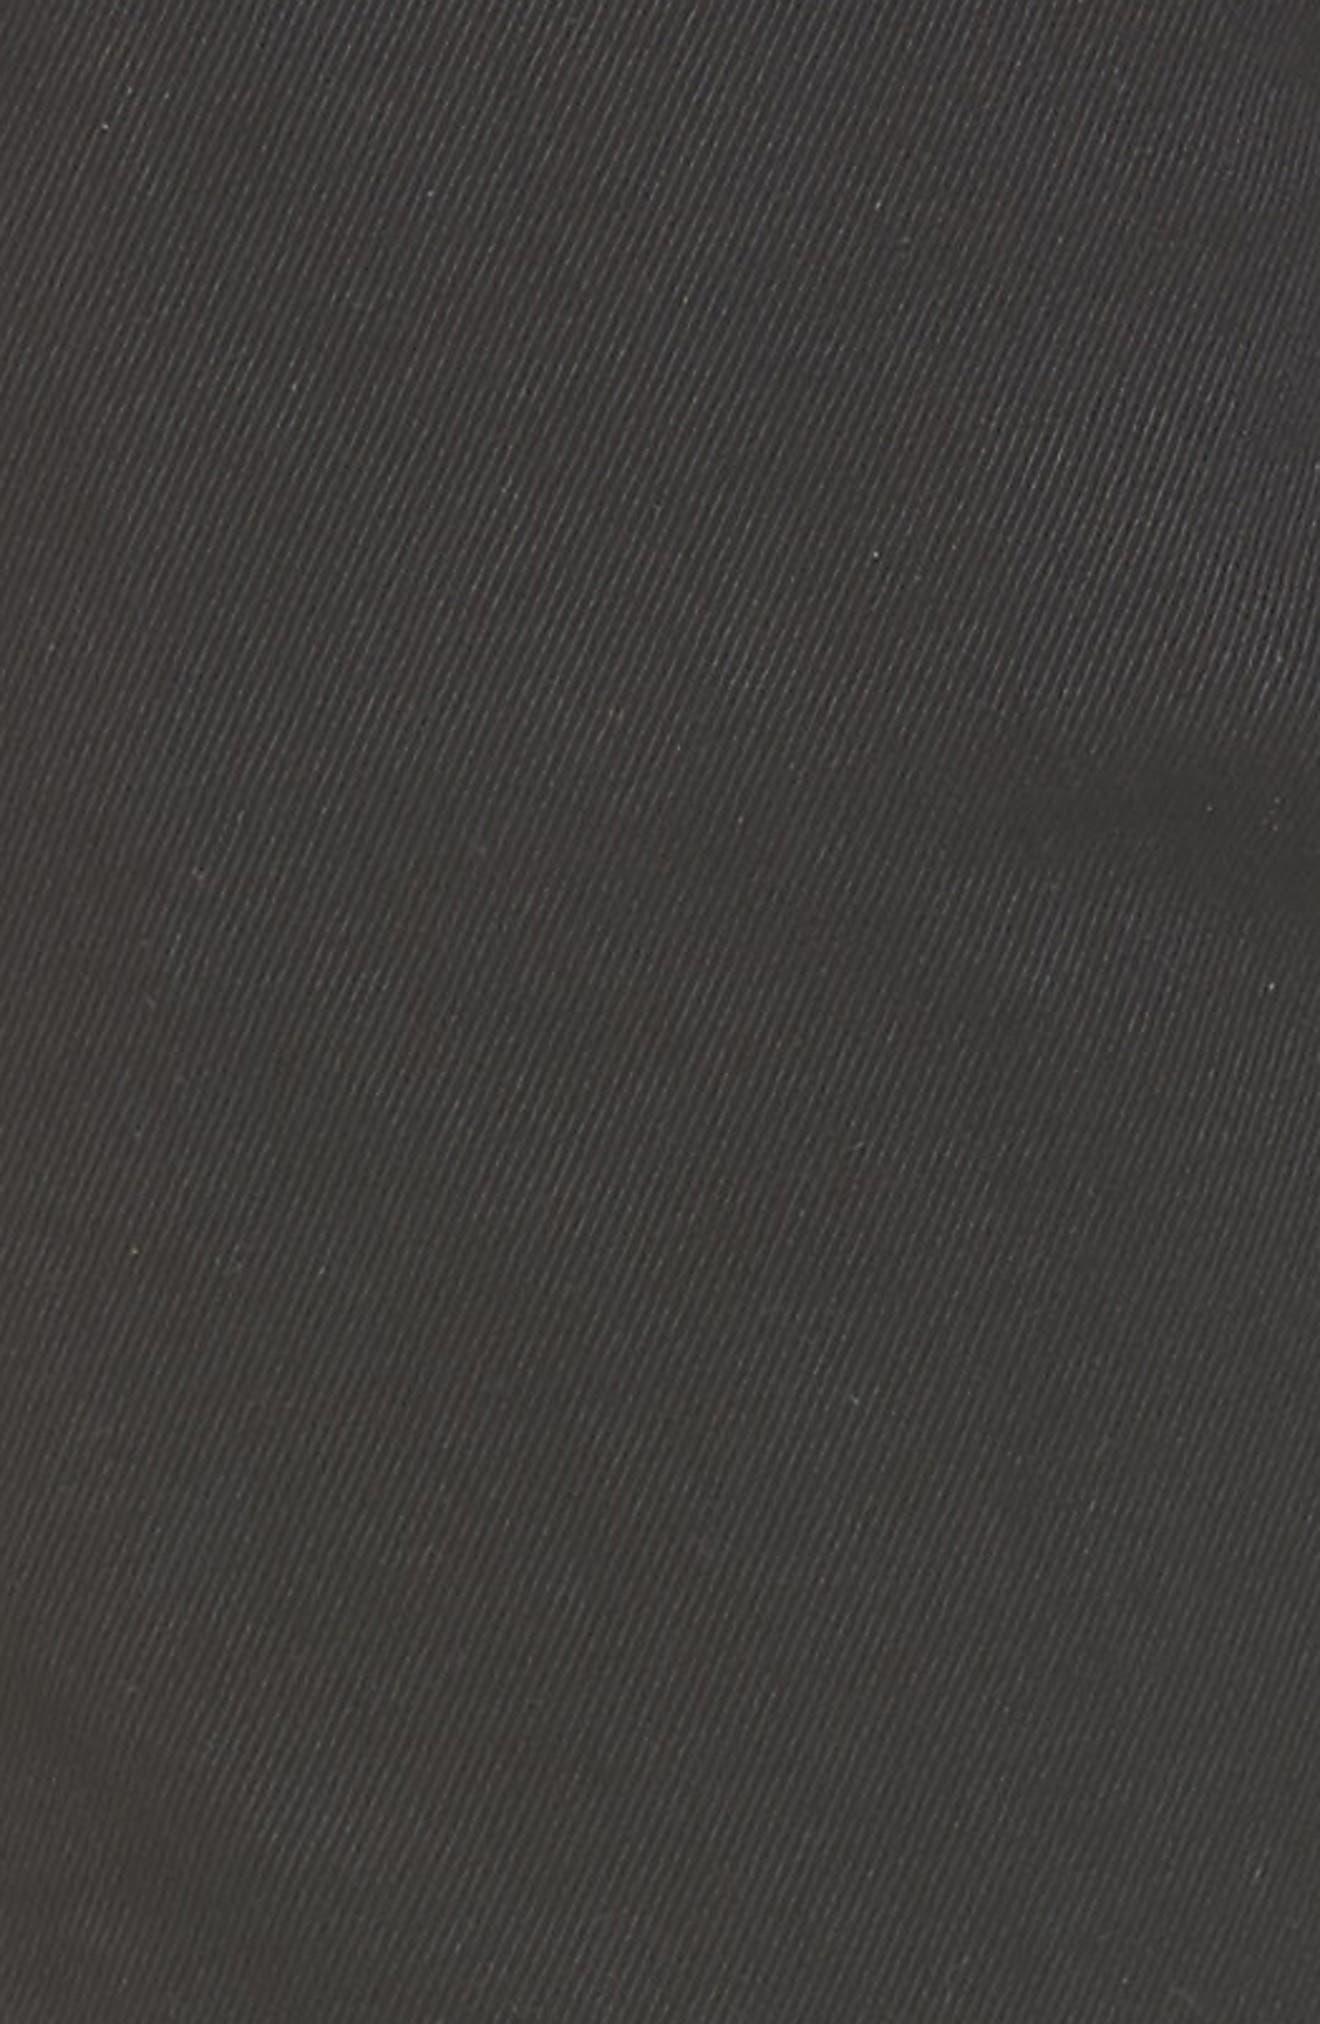 Whitt Ankle Skinny Cargo Pants,                             Alternate thumbnail 5, color,                             001